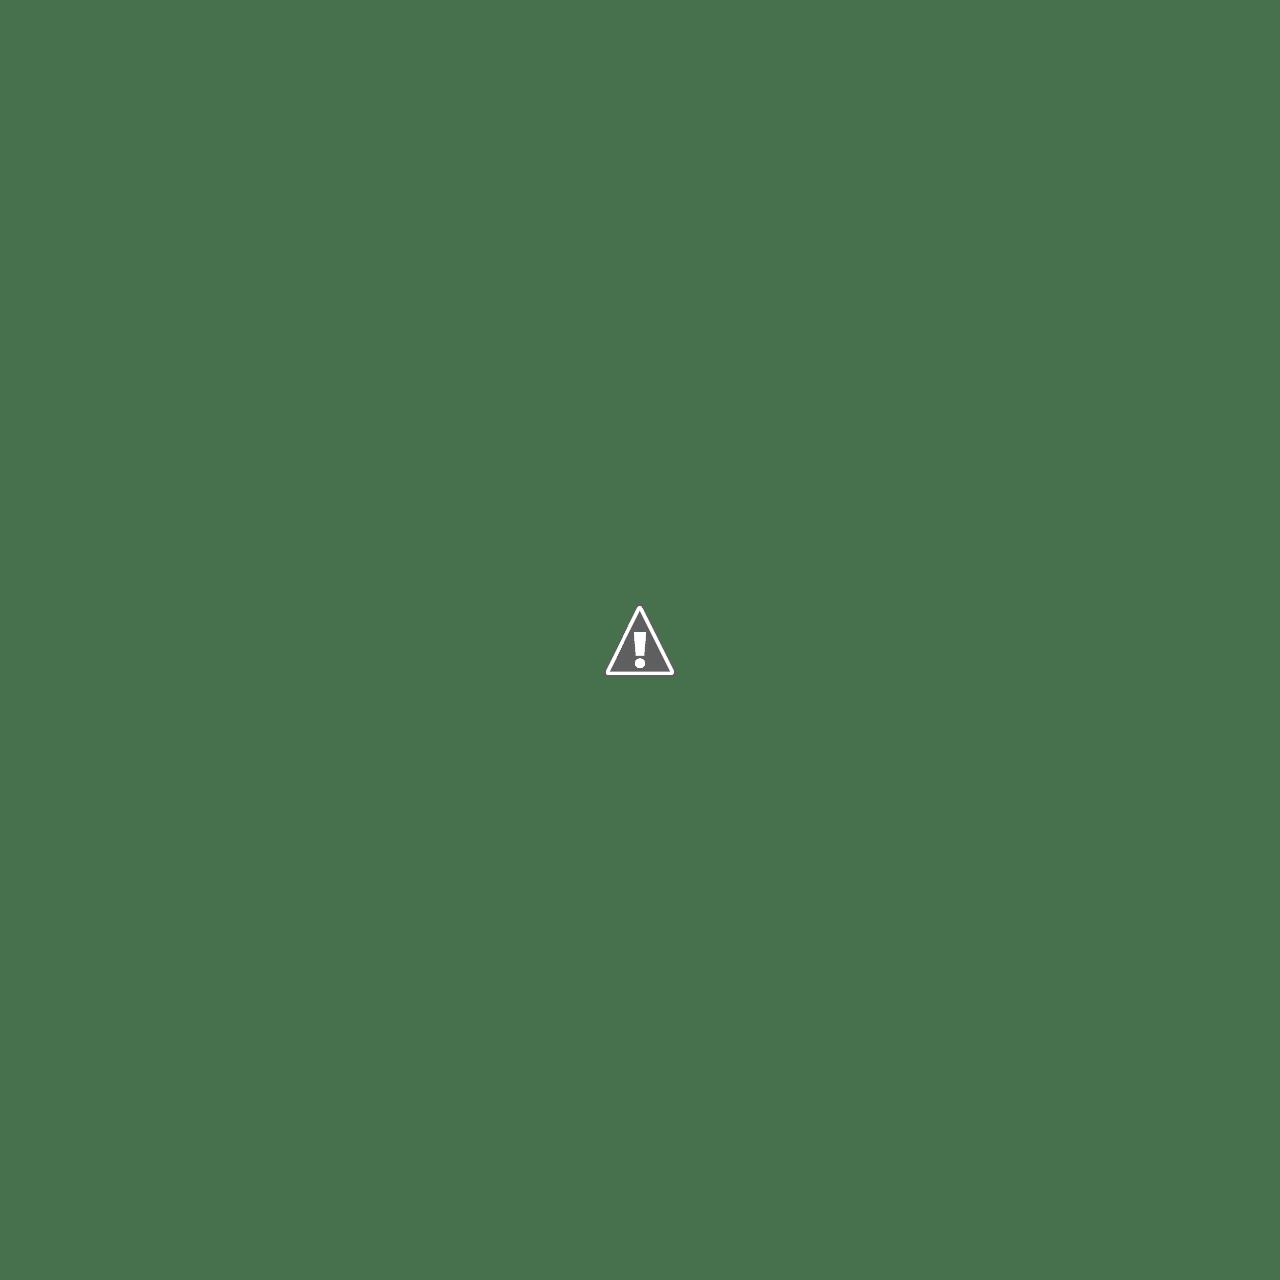 7e7e0d8d8177 Detské obleky - Obchod S Detským Oblečením v oblasti Rusovce